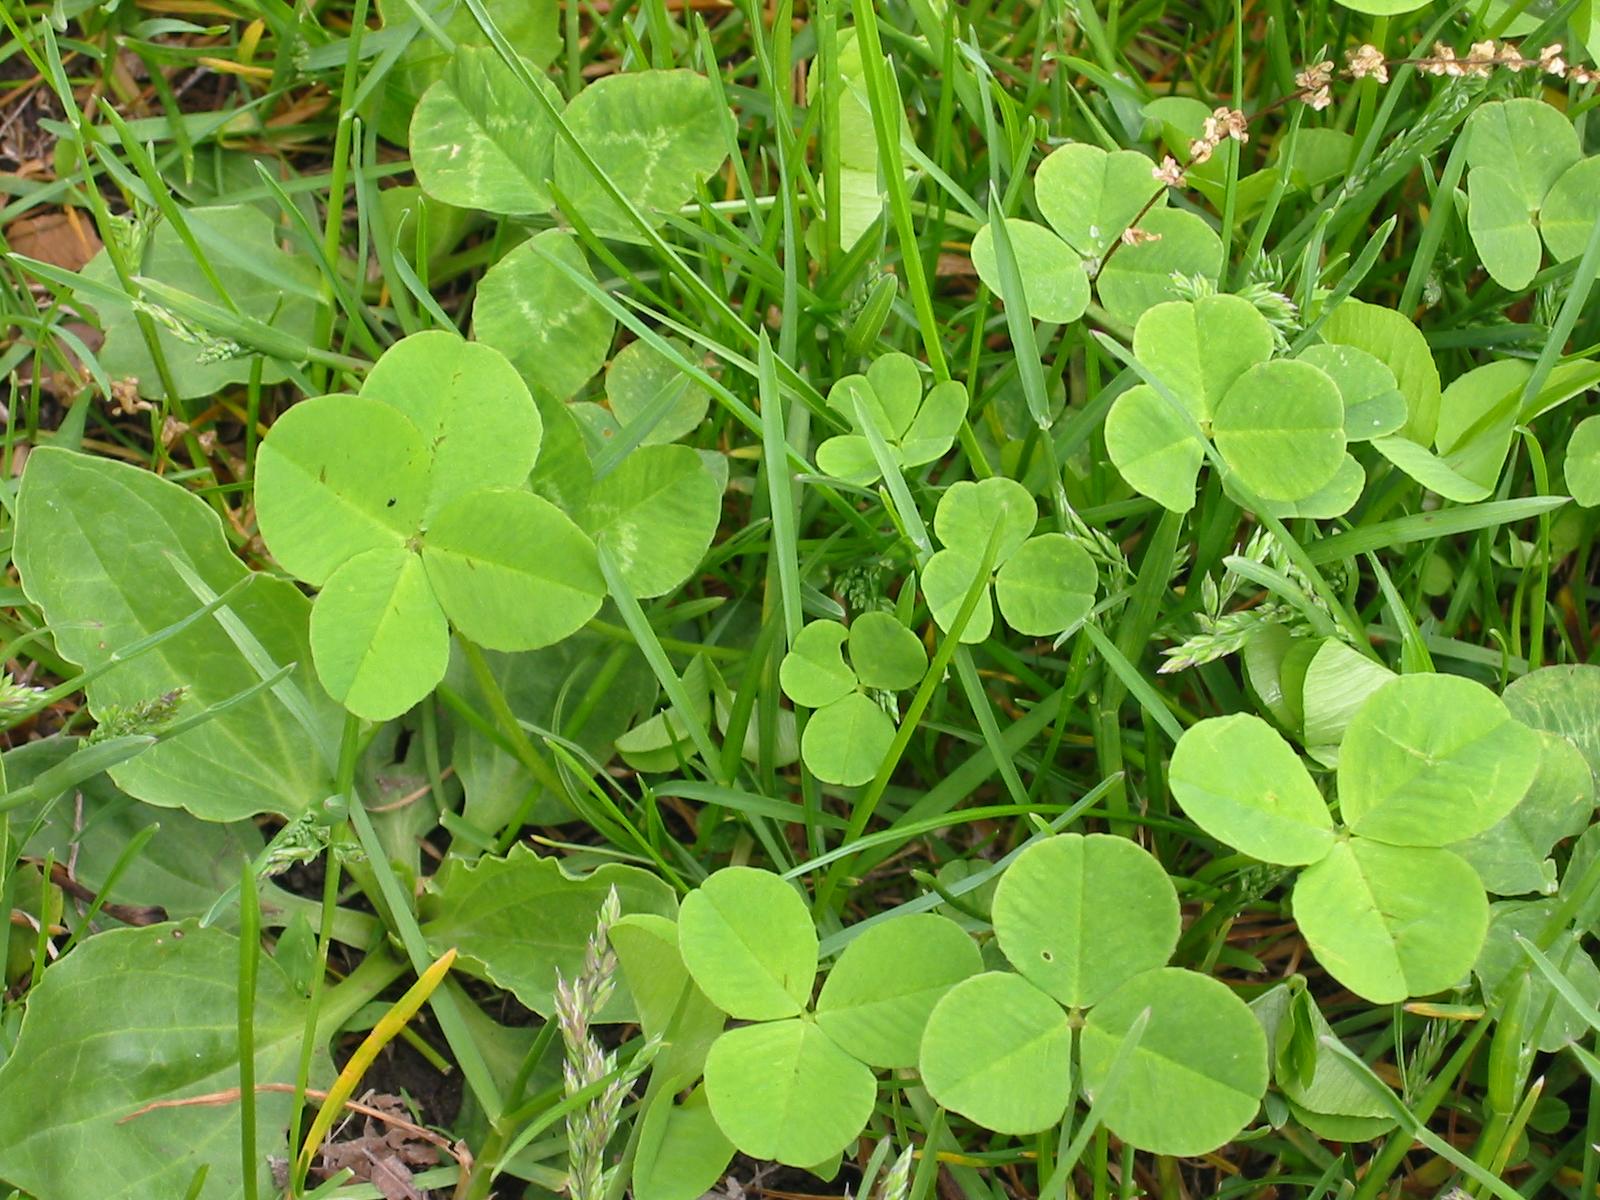 Four-Leaf Clover Photos